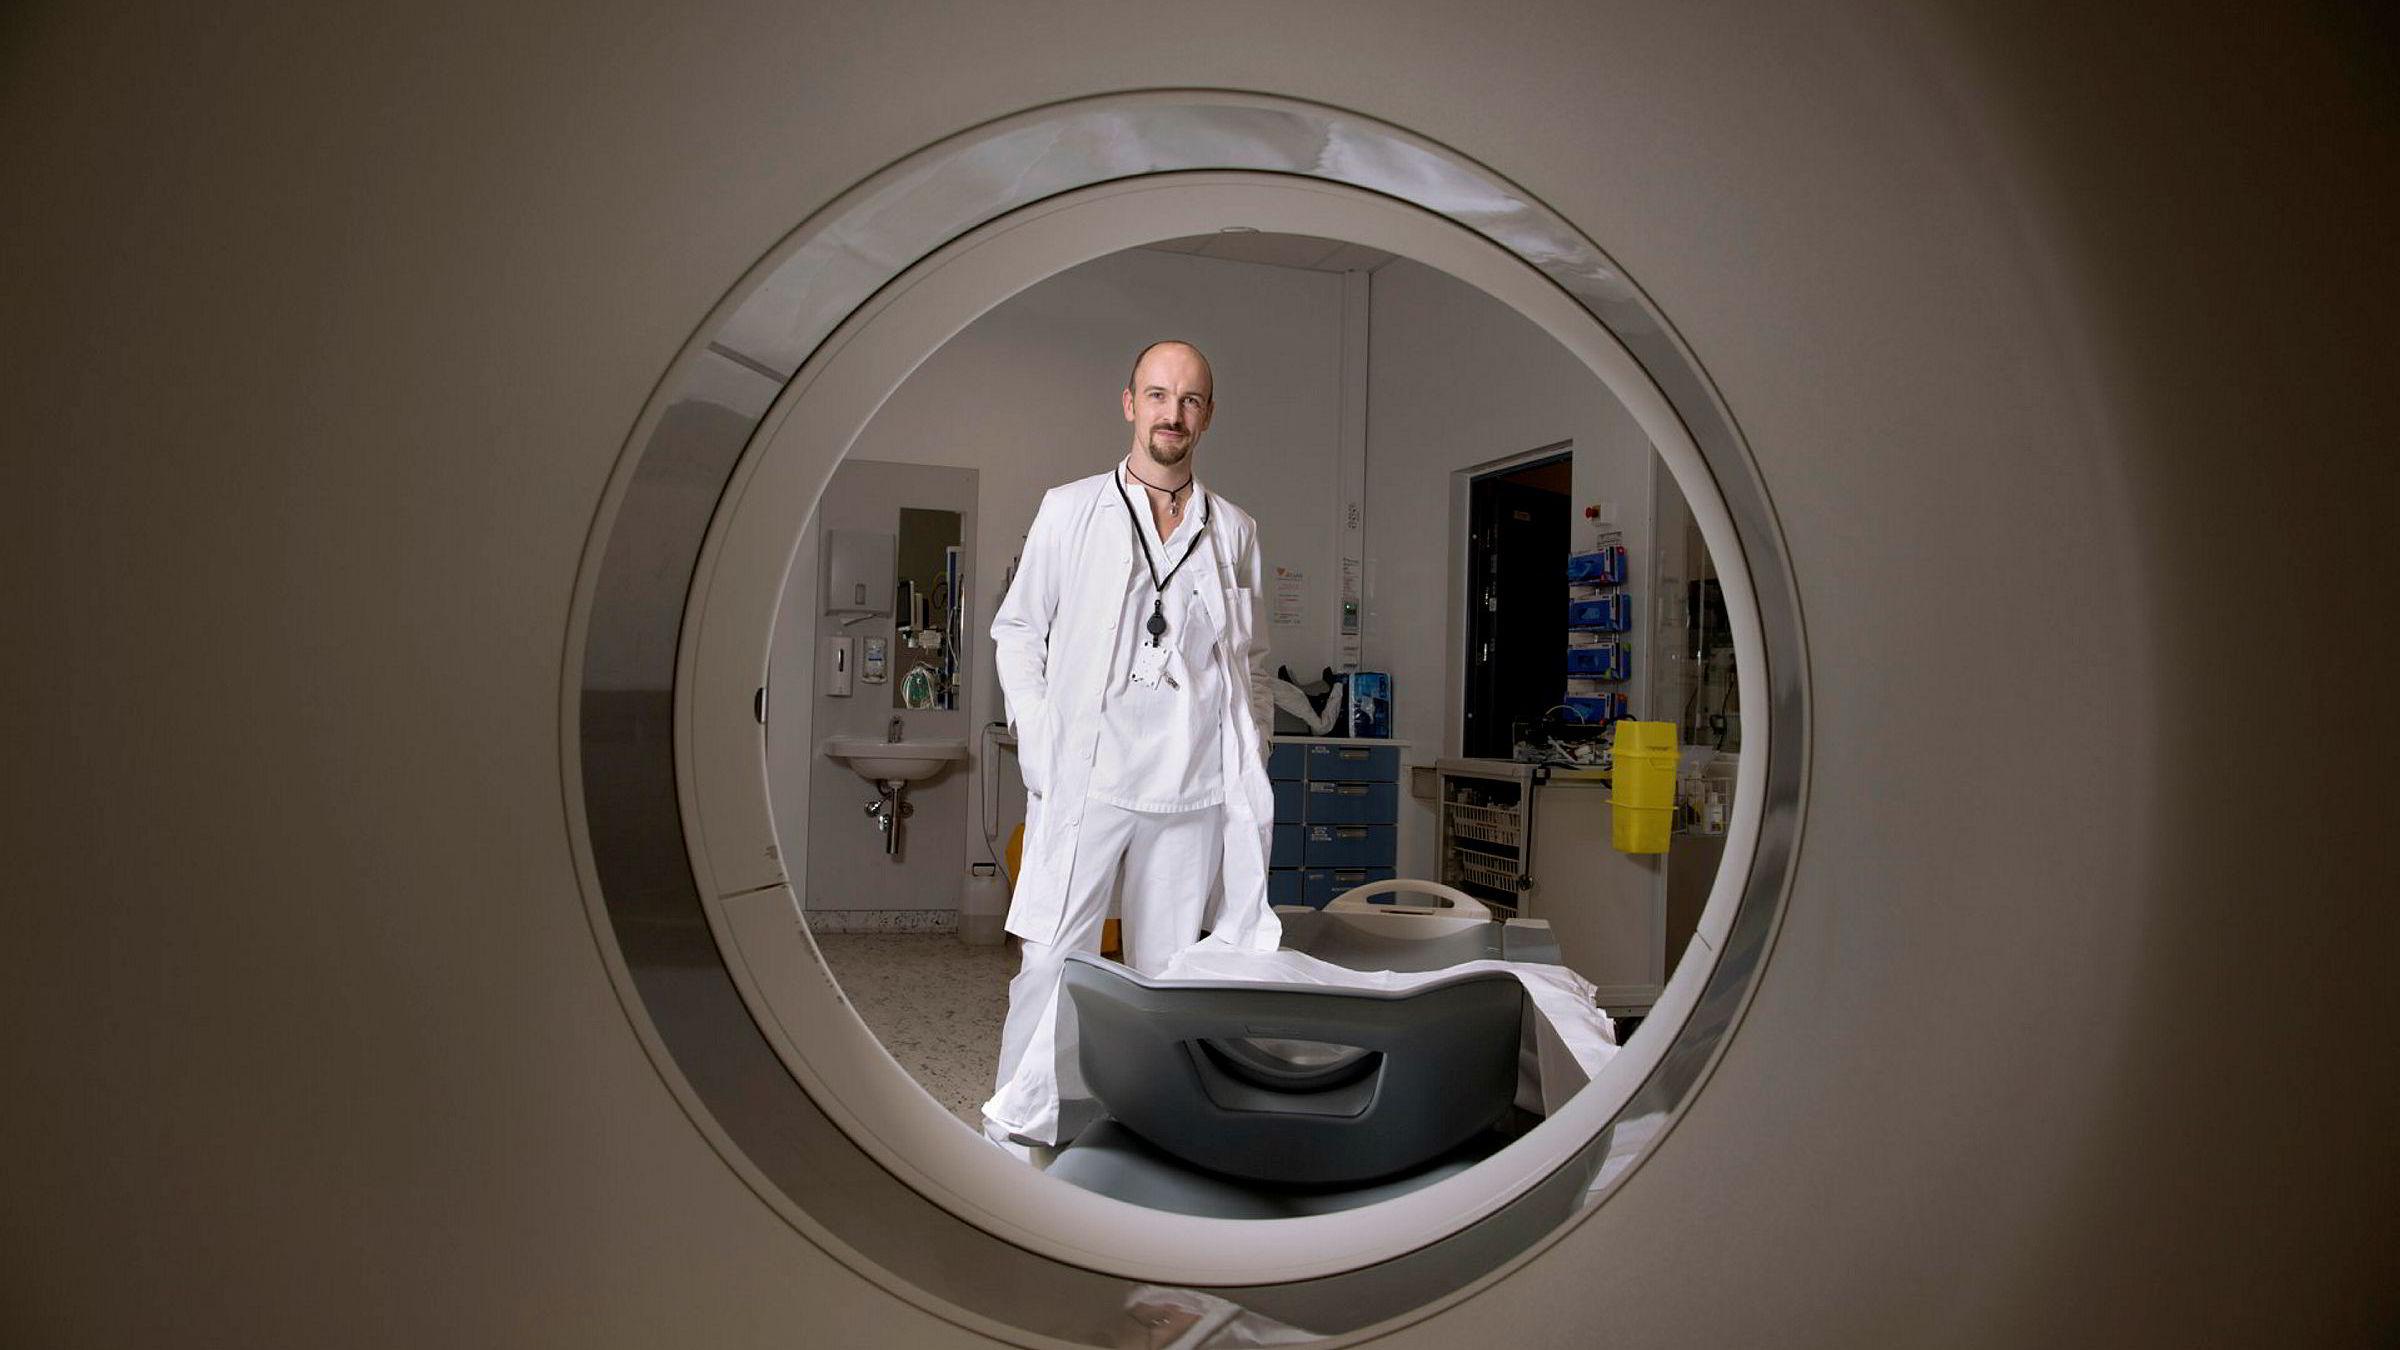 Overlege Peter Mæhre Lauritzen ved seksjon for forskning og utvikling i klinikk for radiologi og nukleærmedisin på Oslo universitetssykehus. Her avbildet ved en CT-maskin.